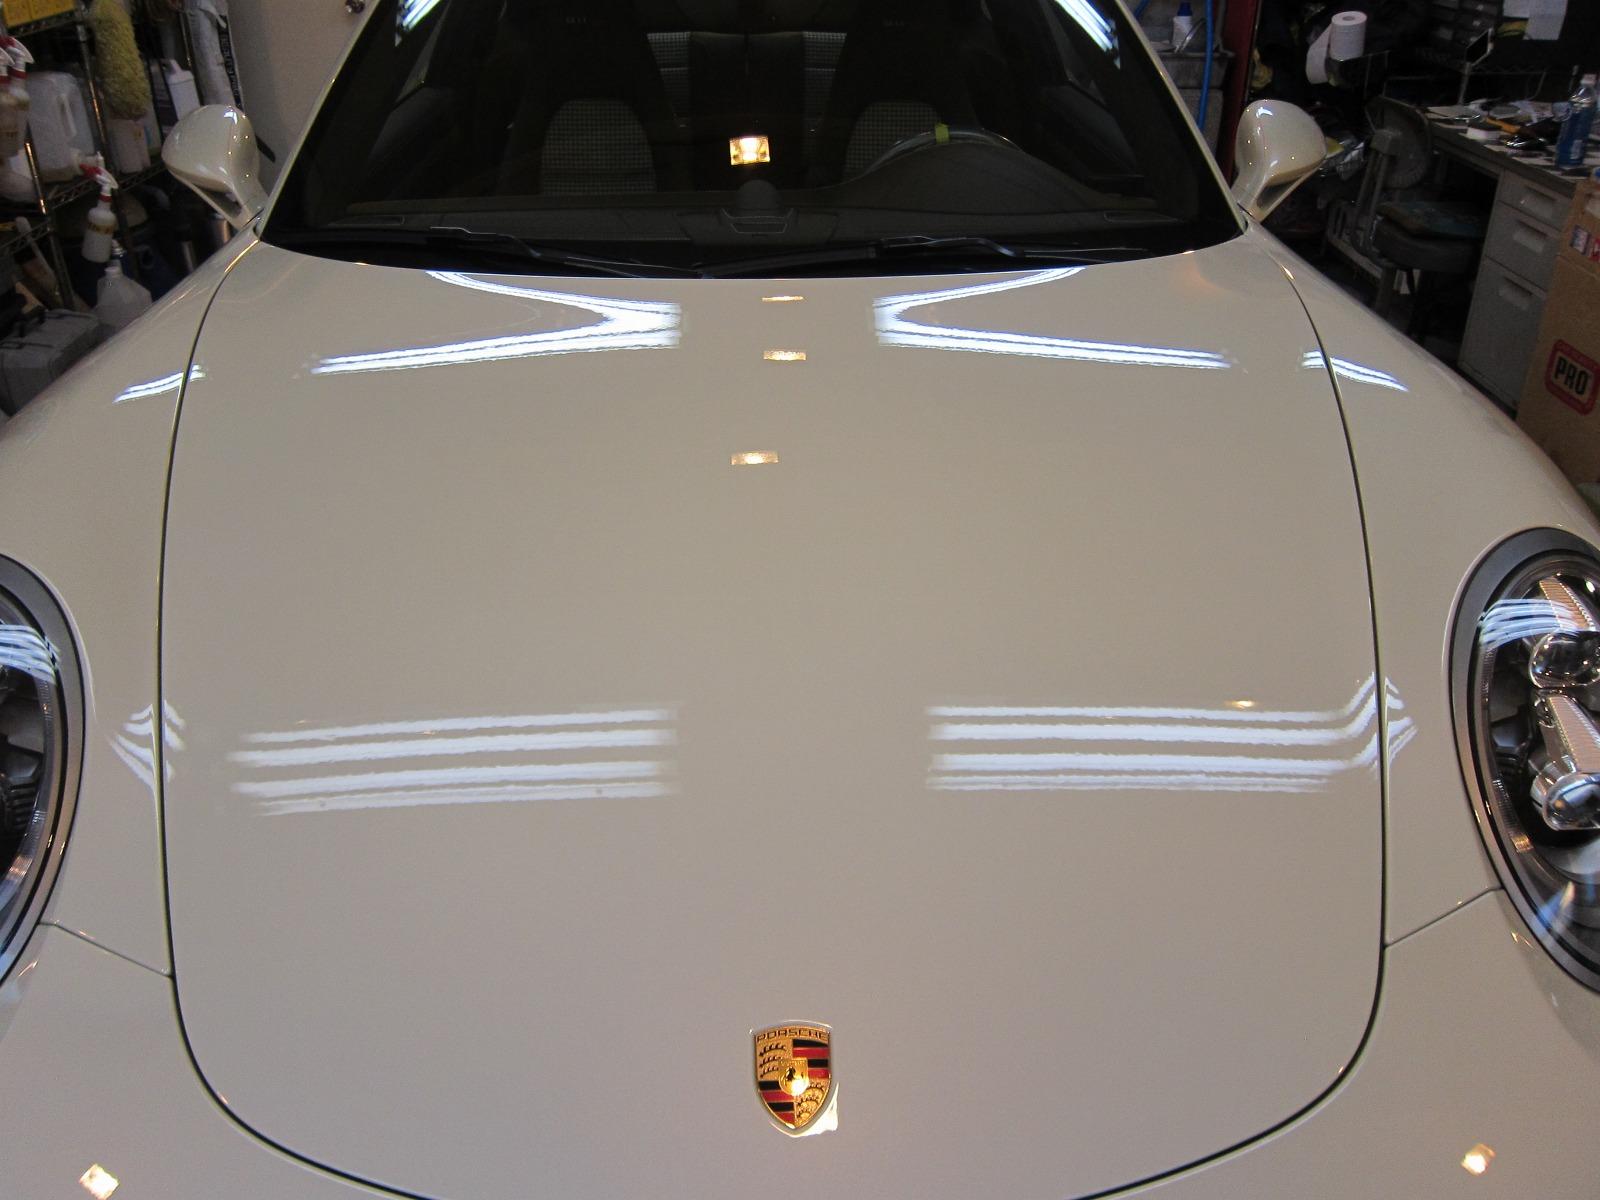 20140509-porsche-911-50th-anniversary-edition-16